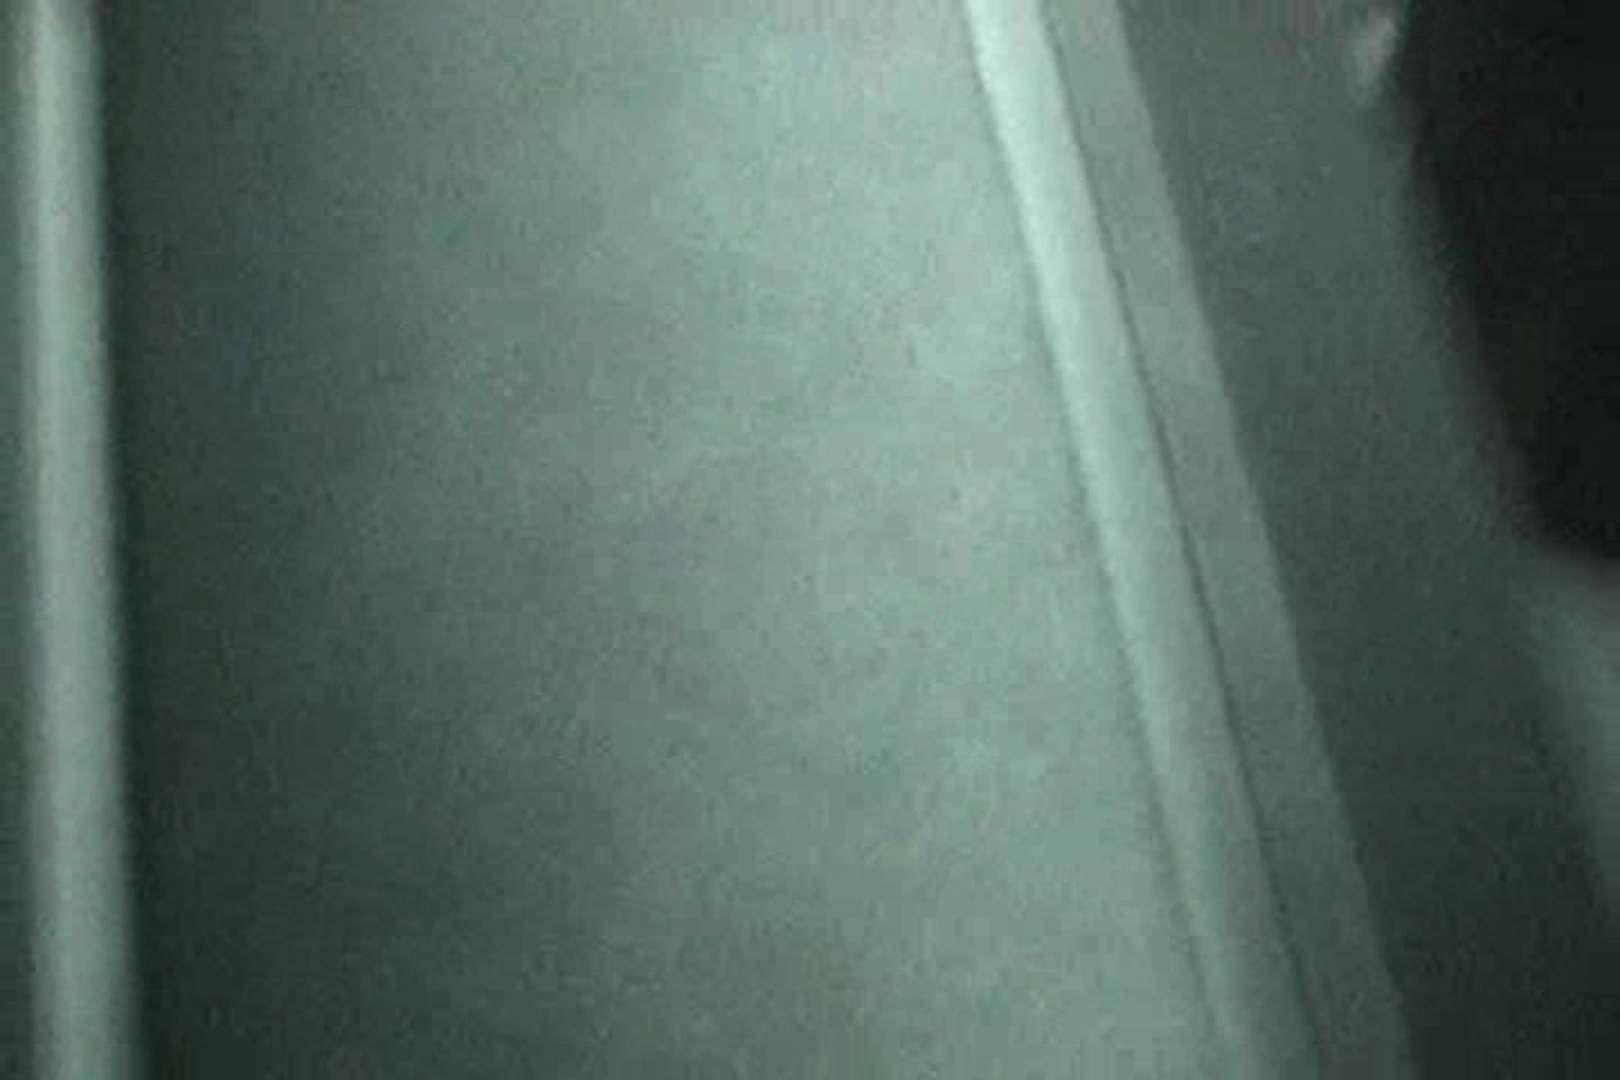 充血監督の深夜の運動会Vol.3 OLヌード天国   セックス  108PIX 65